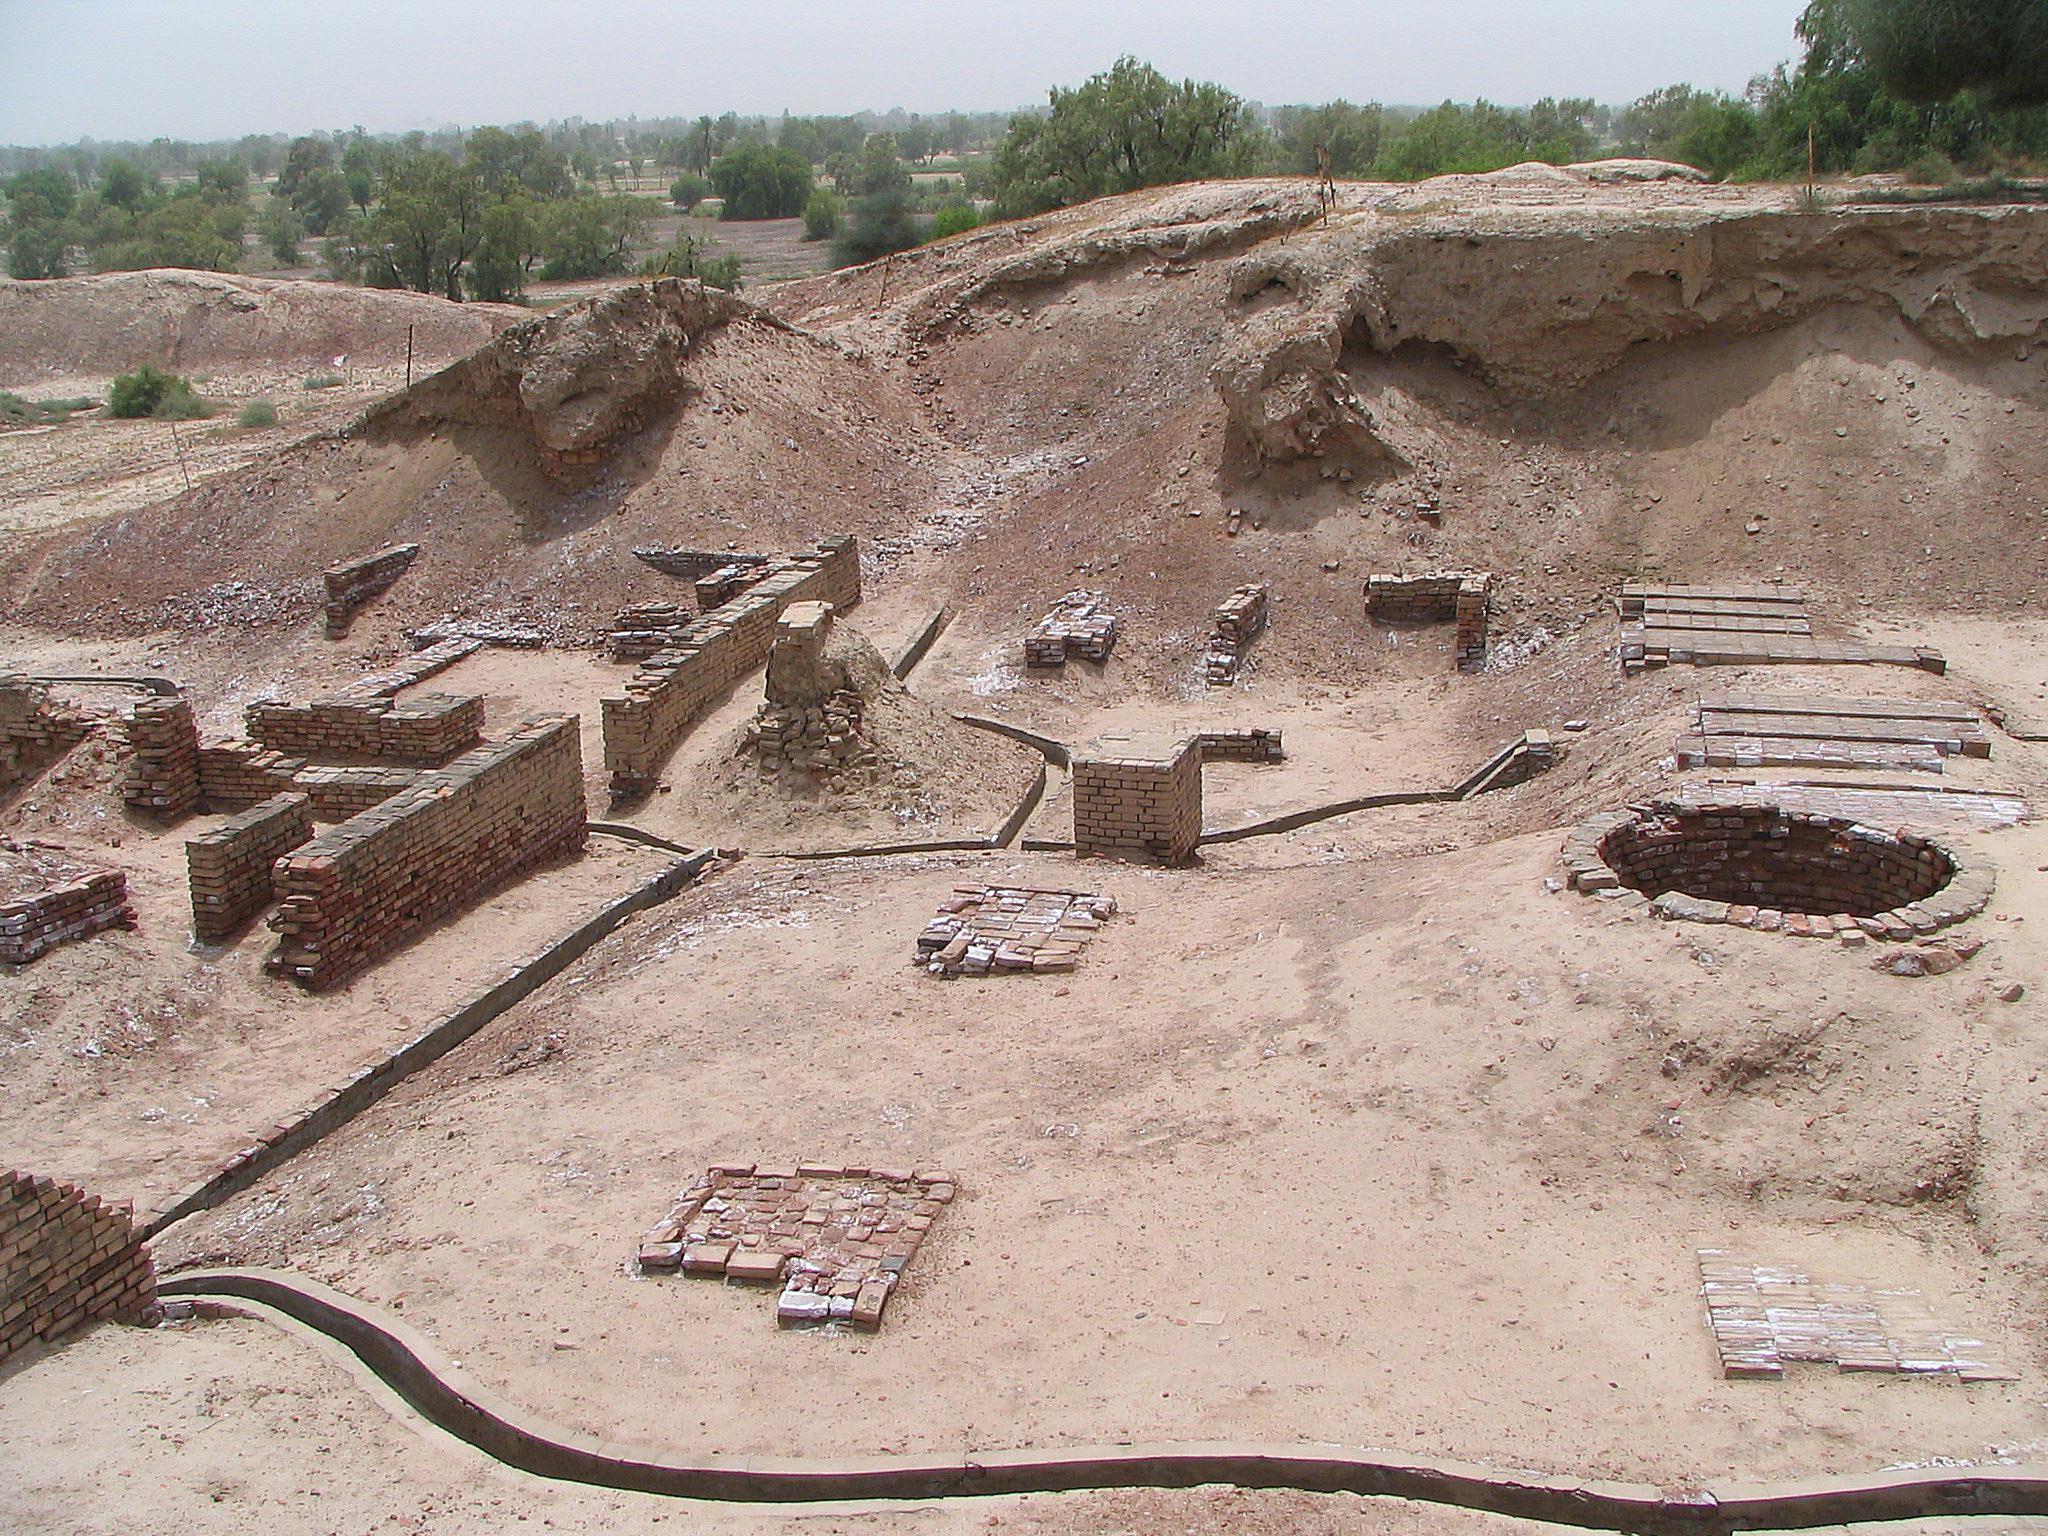 Indus Civilization Timeline And Description